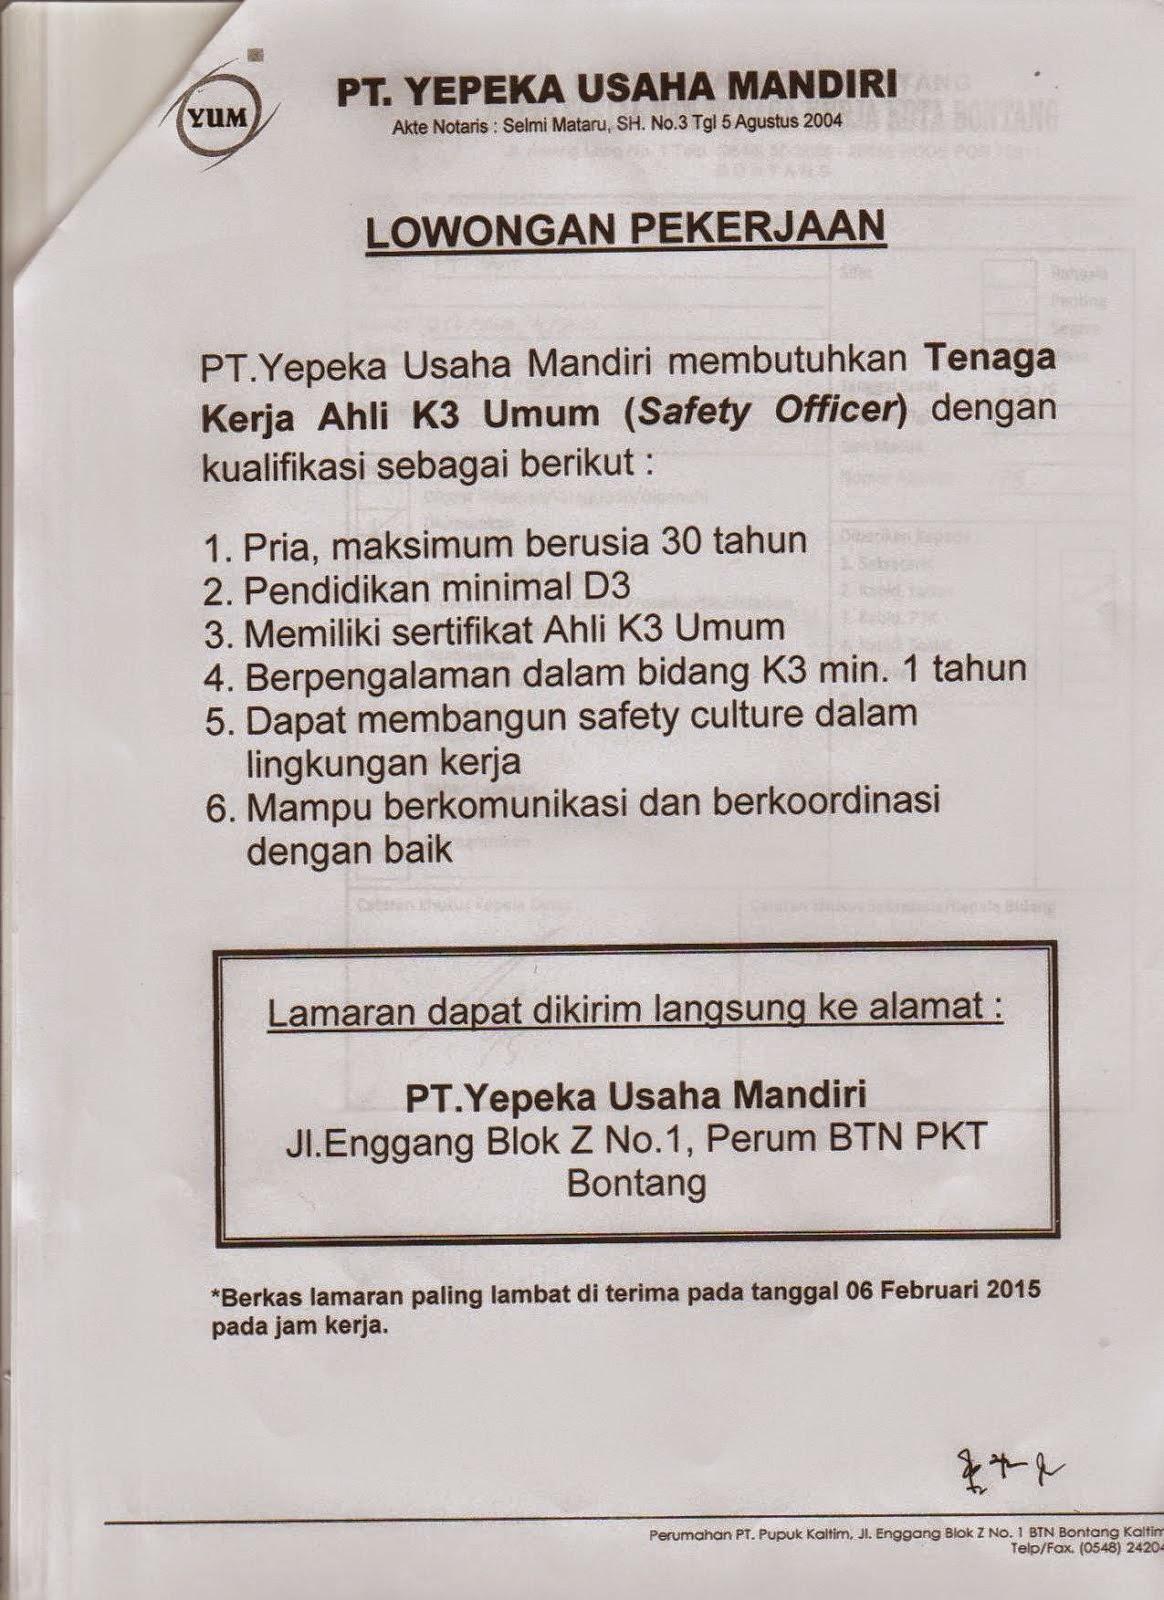 Lowongan Kerja Terbaru ahli K3 PT YUM Bontang.Berikut ini informasi tentang Lowongan kerja Terbaru di sekitar Kota Bontang.